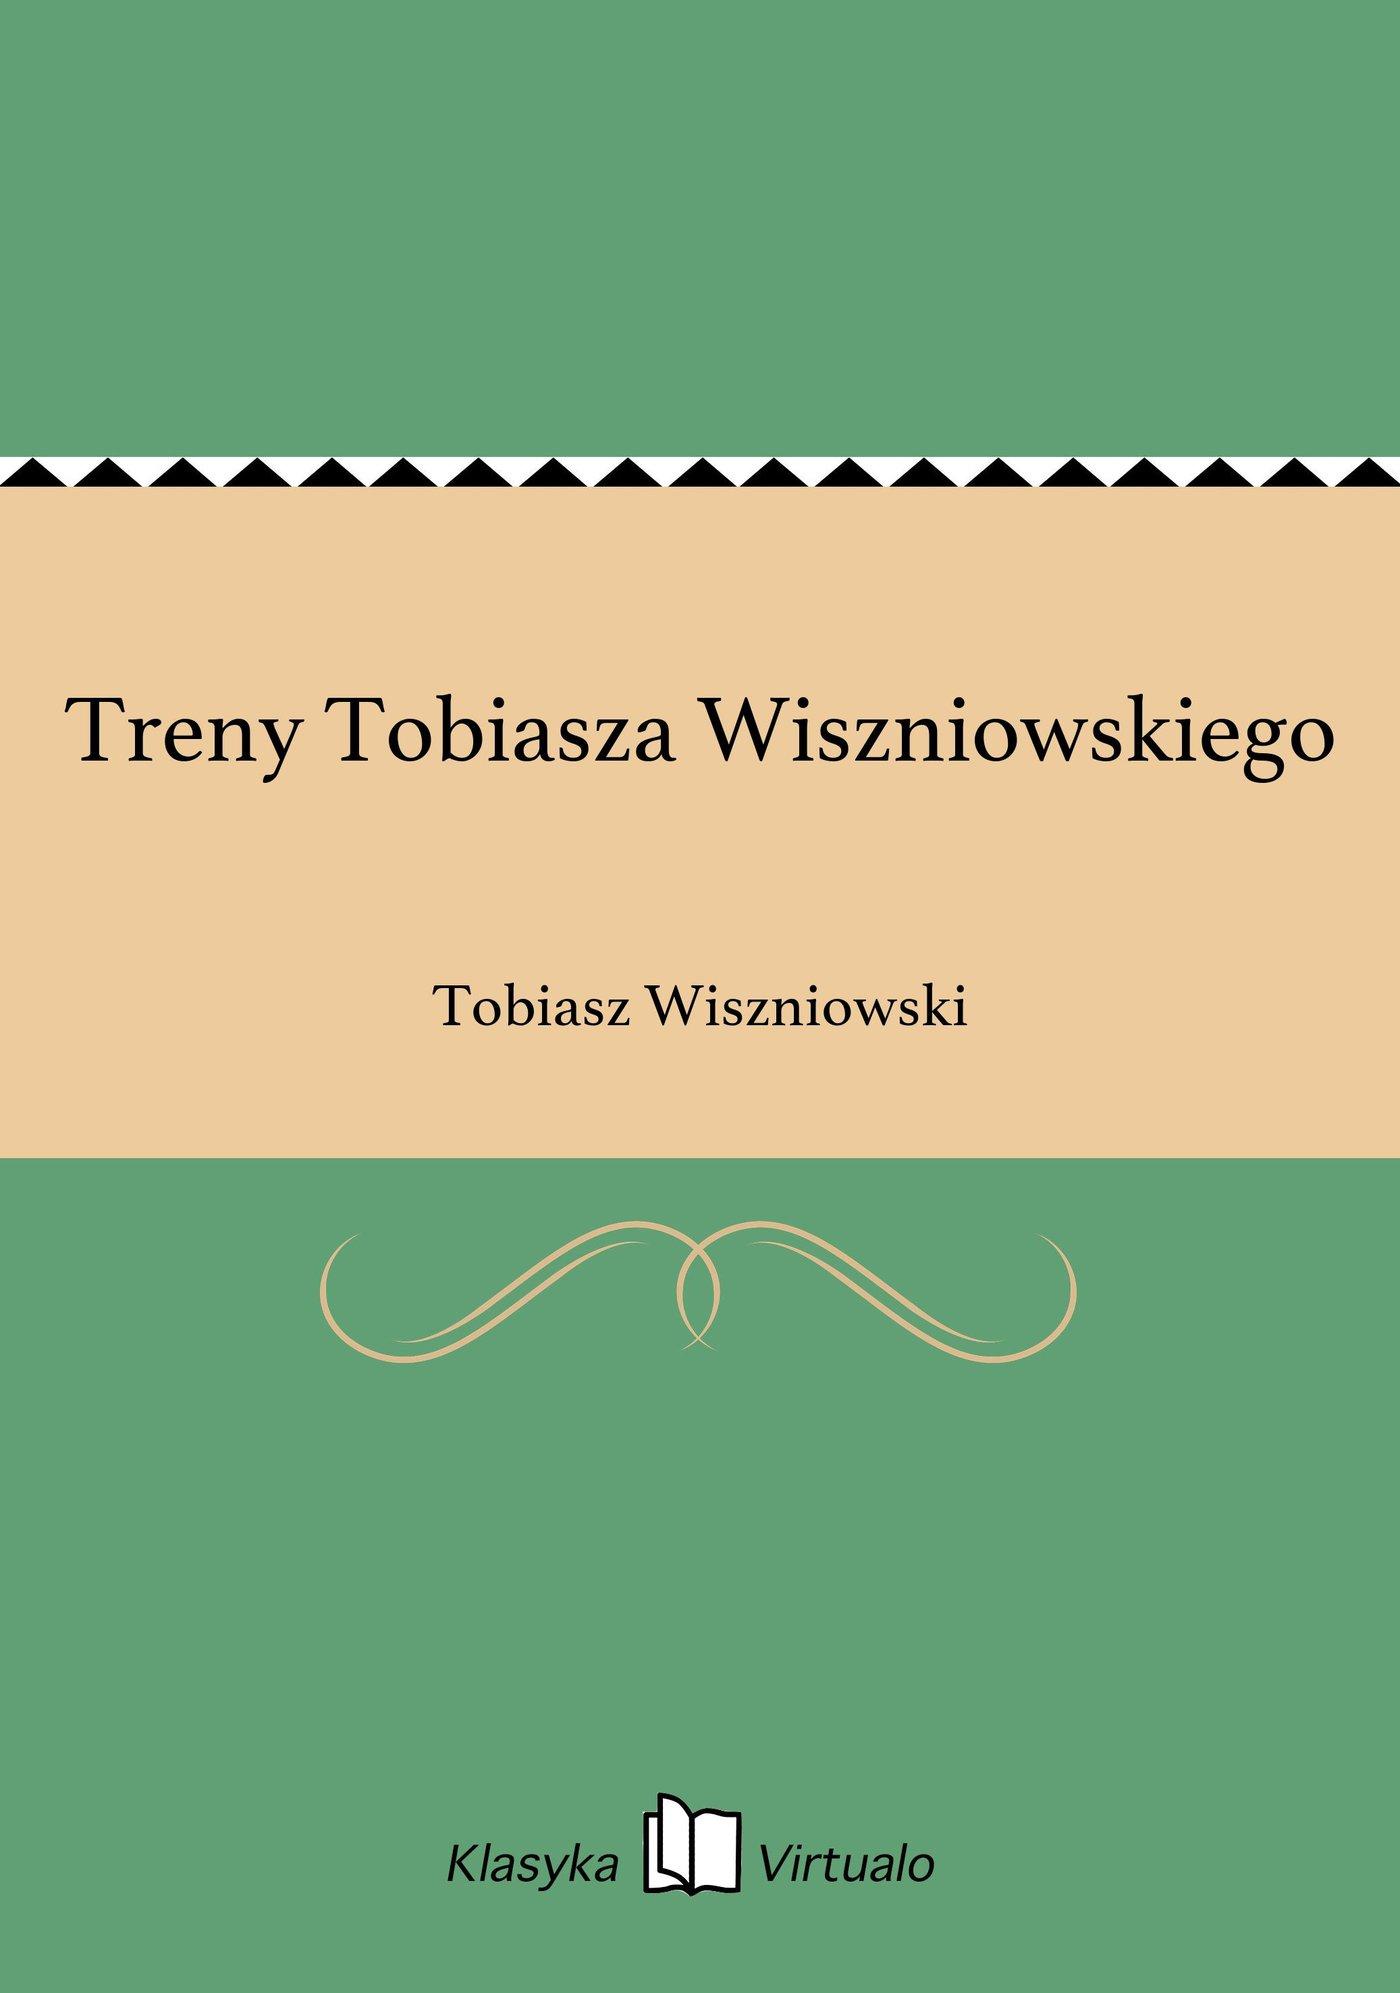 Treny Tobiasza Wiszniowskiego - Ebook (Książka EPUB) do pobrania w formacie EPUB